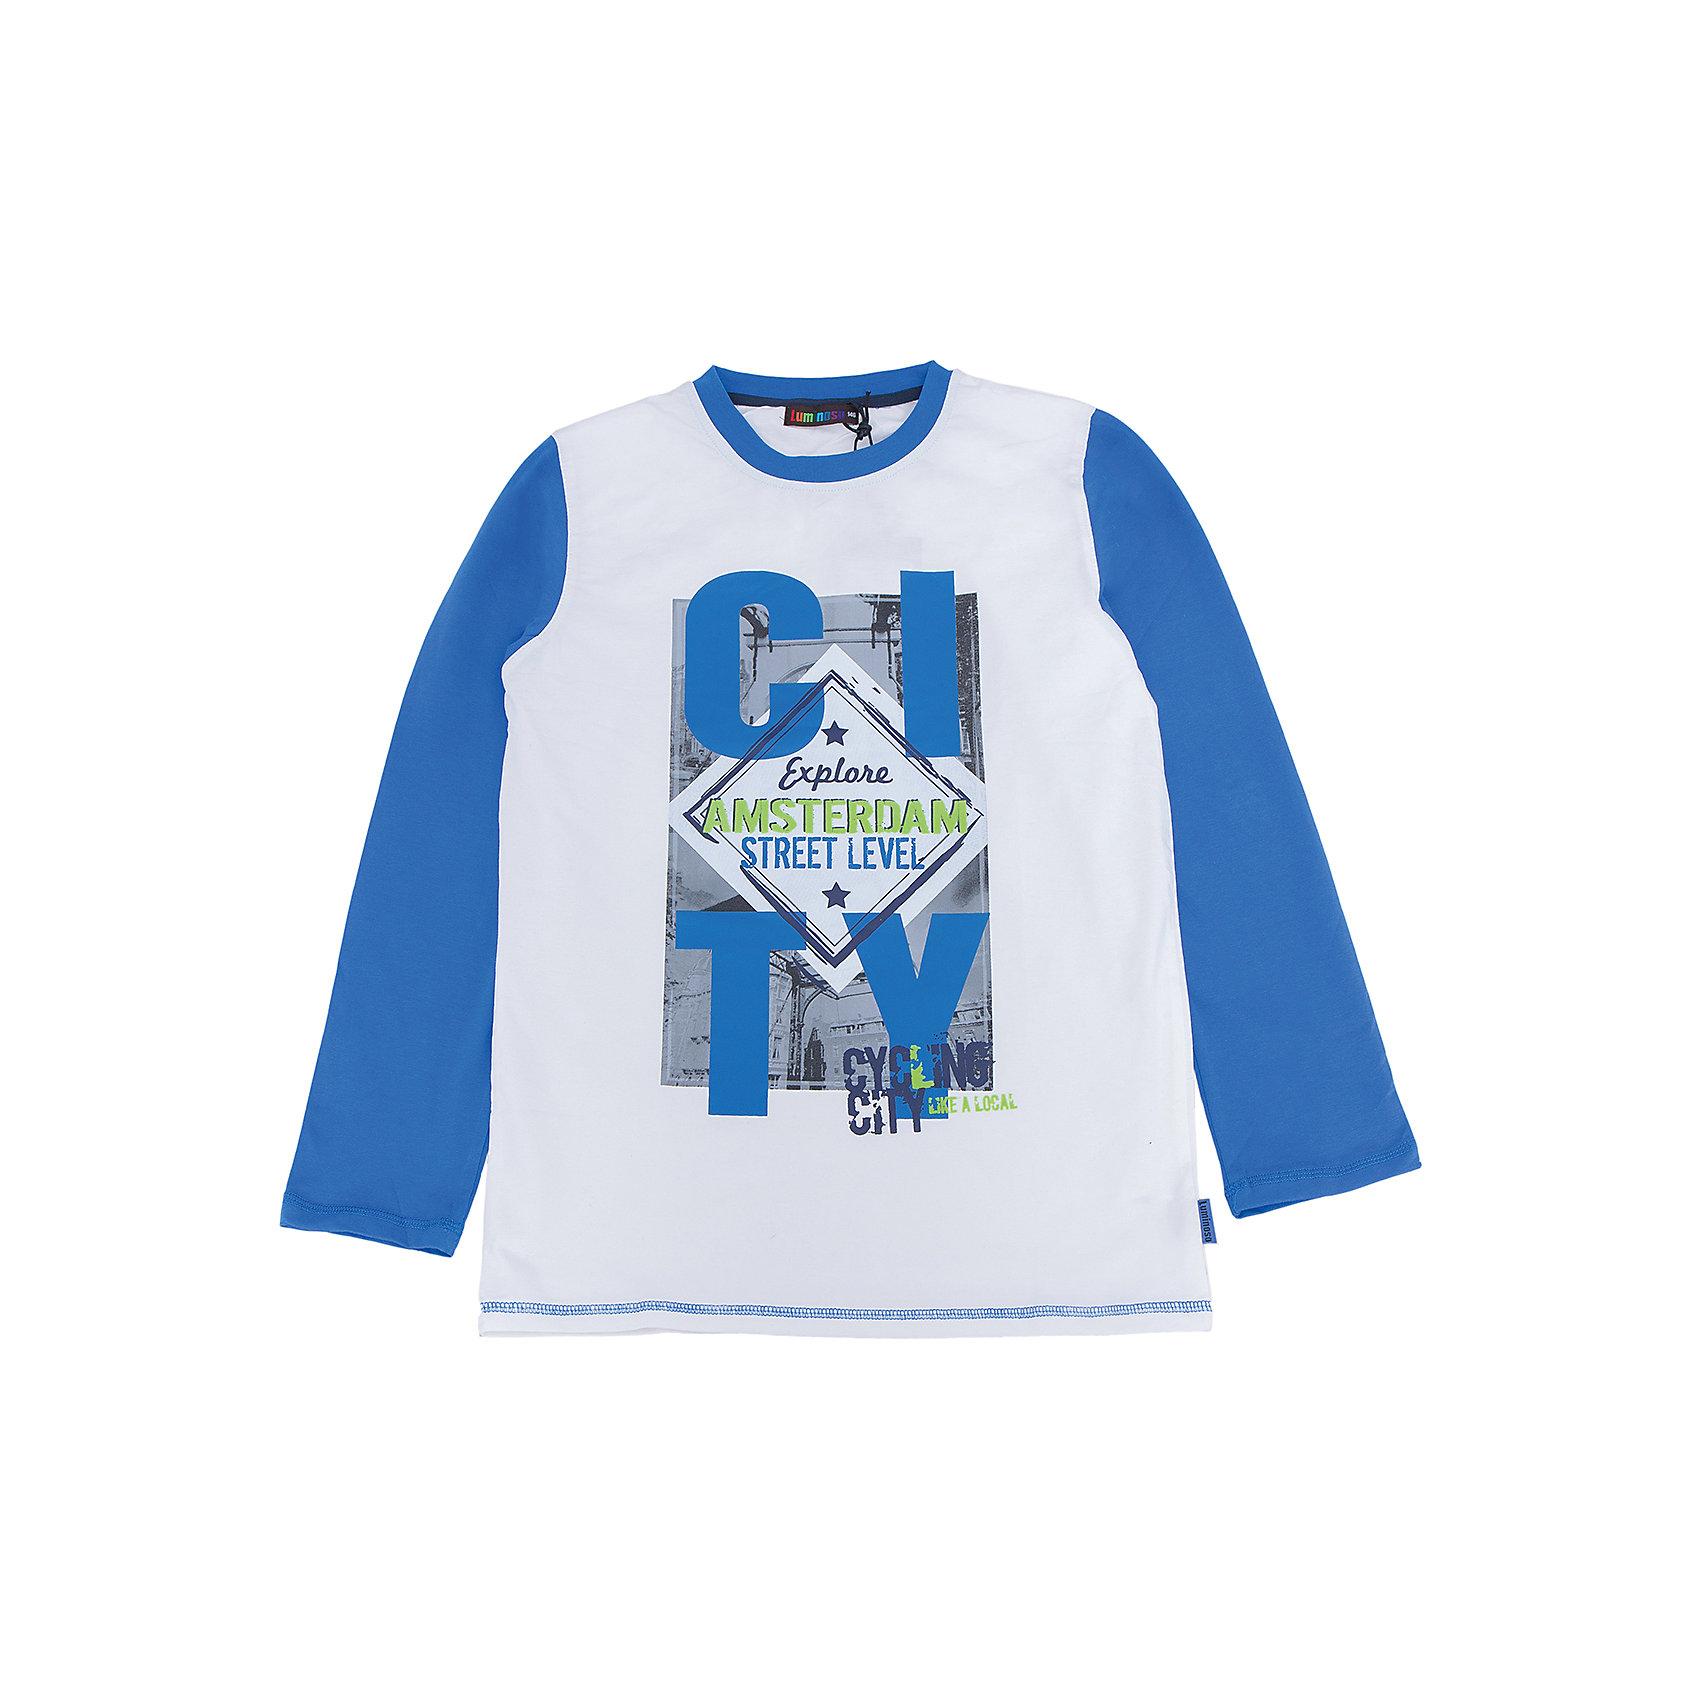 Футболка с длинным рукавом для мальчика LuminosoХарактеристики товара:<br><br>- цвет: белый;<br>- материал: 95% хлопок, 5% эластан;<br>- декорирована принтом;<br>- длинный рукав;<br>- округлый горловой вырез.<br><br>Стильная одежда от бренда Luminoso (Люминосо), созданная при участии итальянских дизайнеров, учитывает потребности подростков и последние веяния моды. Она удобная и модная.<br>Эта футболка с длинным рукавом выглядит стильно и нарядно, но при этом подходит для ежедневного ношения. Он хорошо сидит на ребенке, обеспечивает комфорт и отлично сочетается с одежной разных стилей. Модель отличается высоким качеством материала и продуманным дизайном. Натуральный хлопок в составе изделия делает его дышащим, приятным на ощупь и гипоаллергеным.<br><br>Футболку с длинным рукавом для мальчика от бренда Luminoso (Люминосо) можно купить в нашем интернет-магазине.<br><br>Ширина мм: 230<br>Глубина мм: 40<br>Высота мм: 220<br>Вес г: 250<br>Цвет: белый<br>Возраст от месяцев: 108<br>Возраст до месяцев: 120<br>Пол: Мужской<br>Возраст: Детский<br>Размер: 140,146,152,158,164,134<br>SKU: 4930865